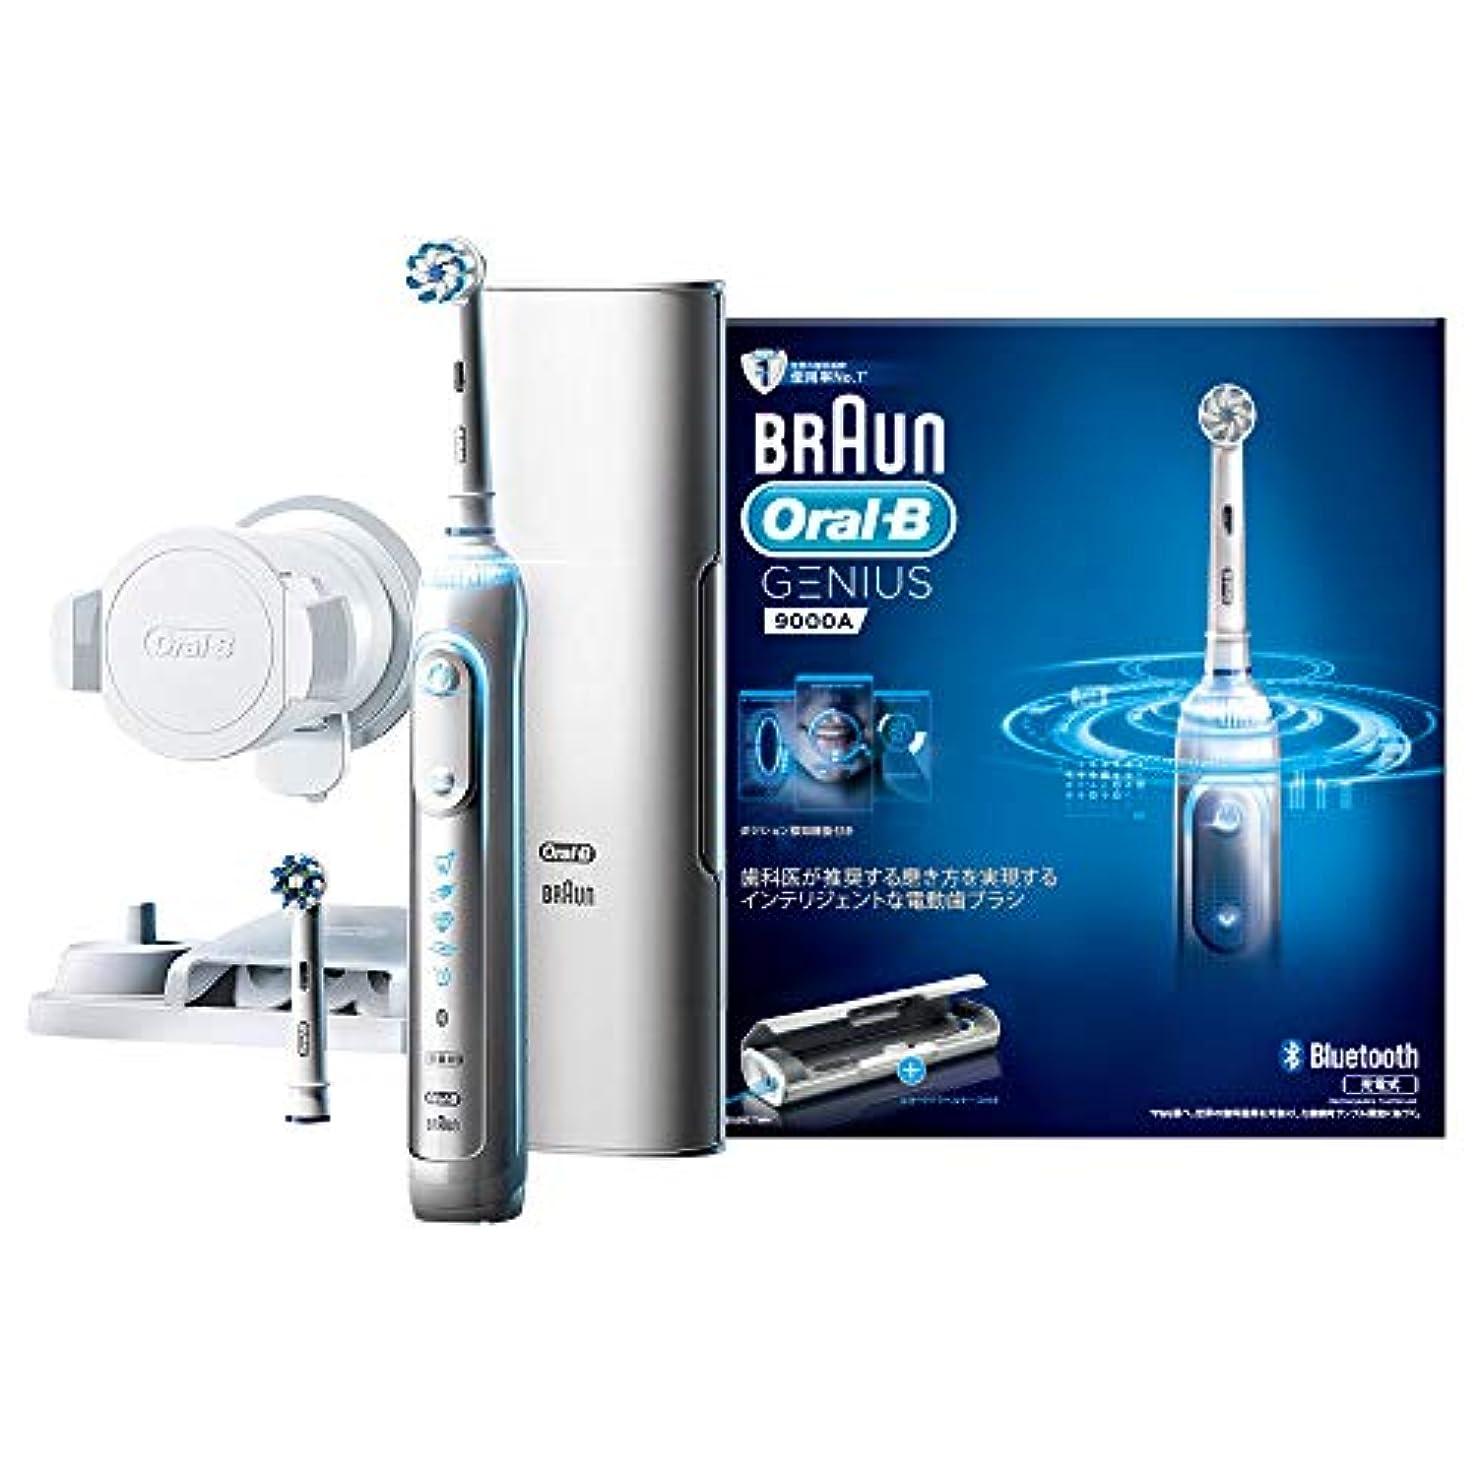 リムストレスの多い関税ブラウン オーラルB 電動歯ブラシ ジーニアス9000 ホワイト D7015256XCTWH